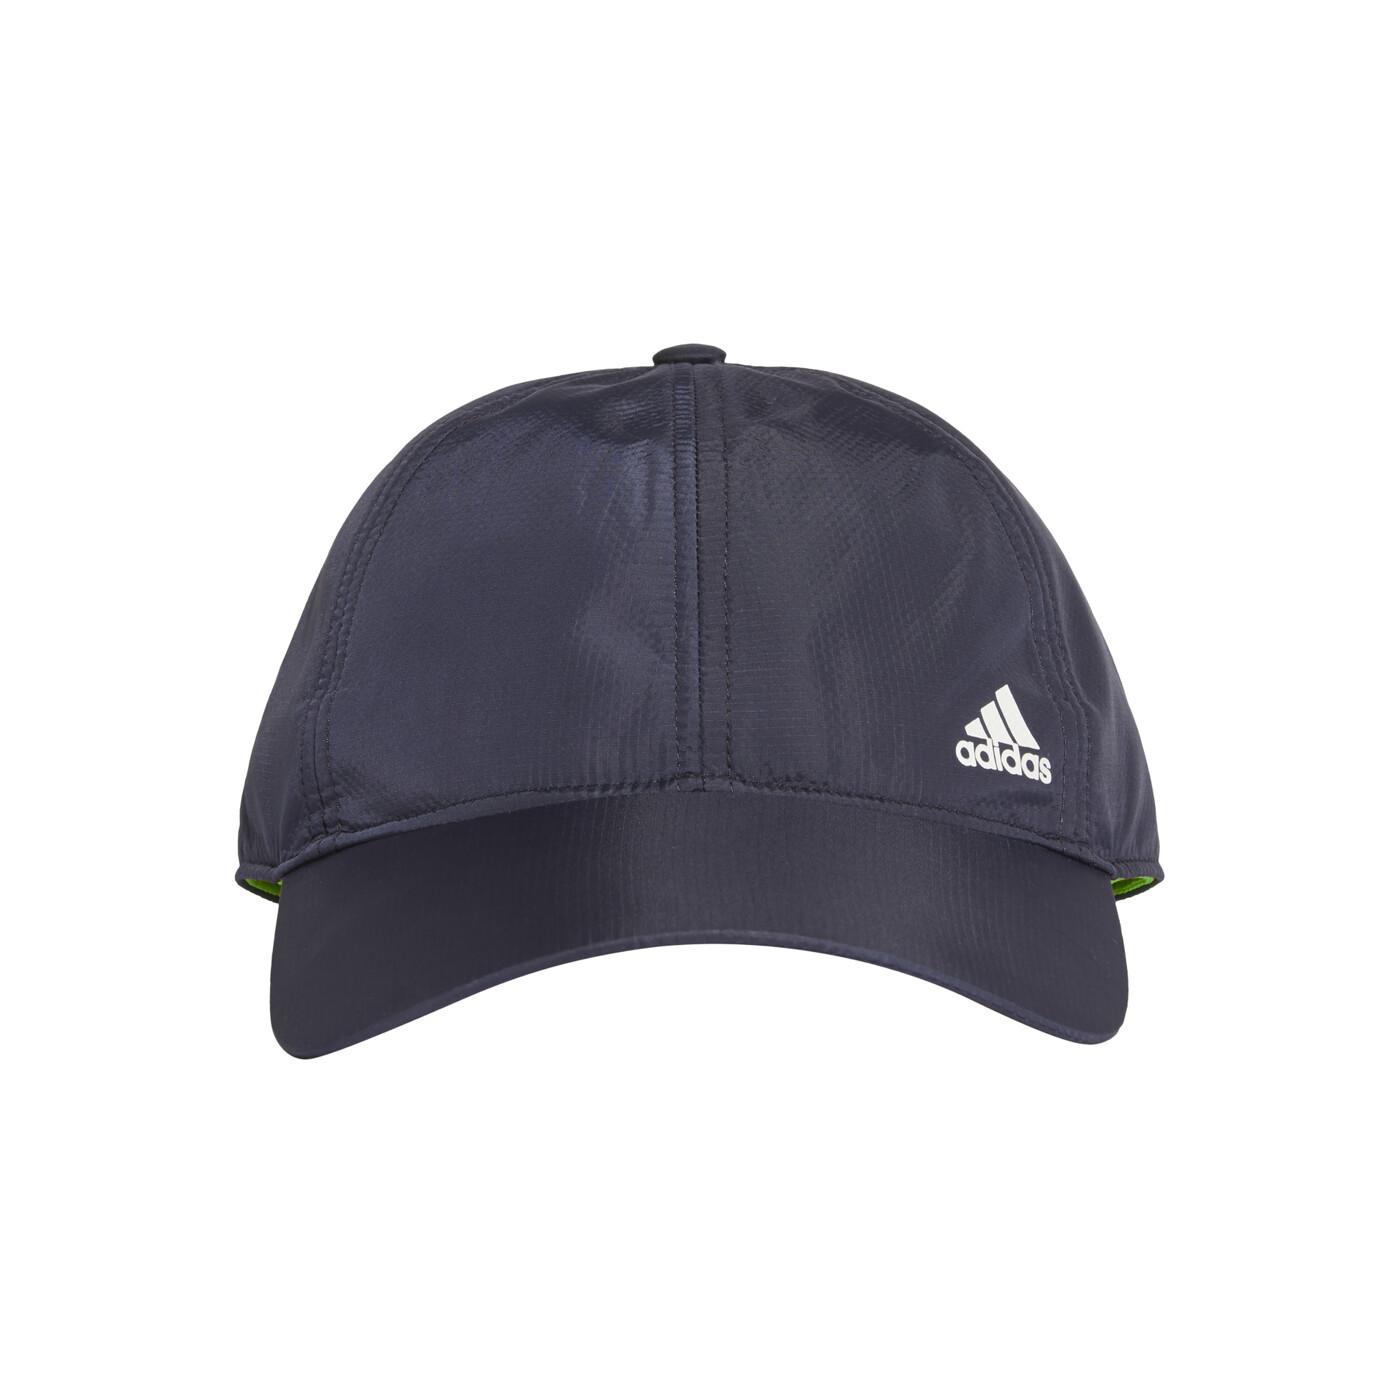 ADIDAS BB CAP W.R - Herren